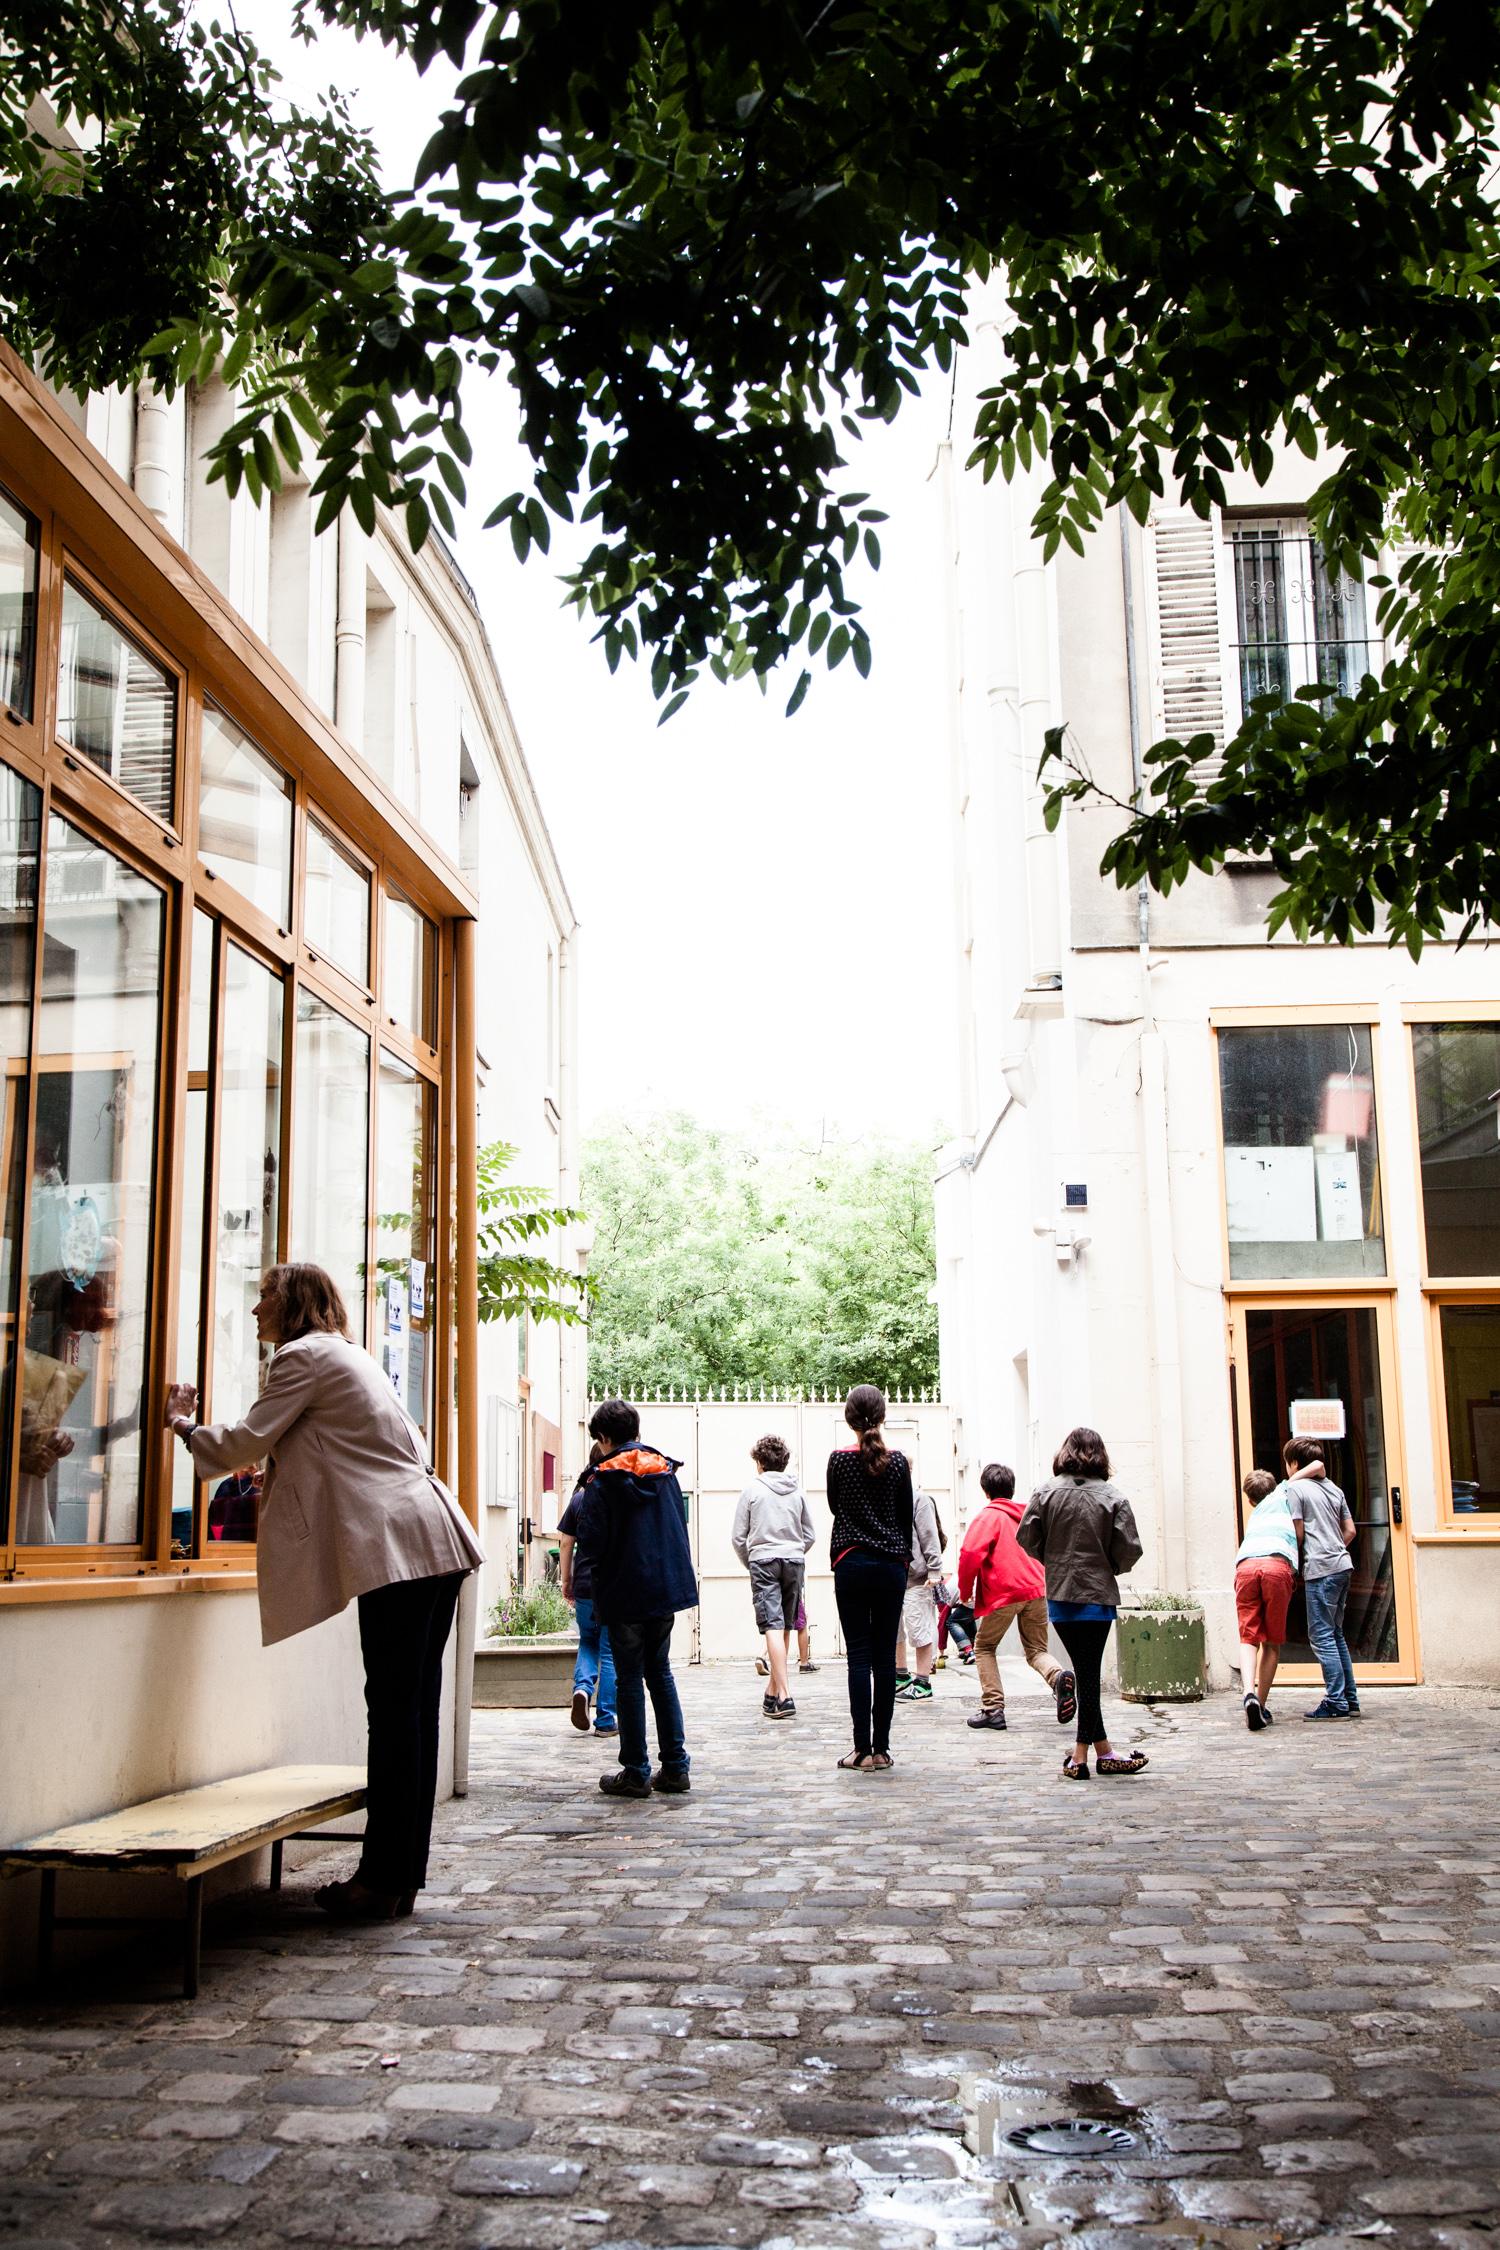 Cour de récréation. École aujourd'hui, Paris.  Commande pour Télérama.